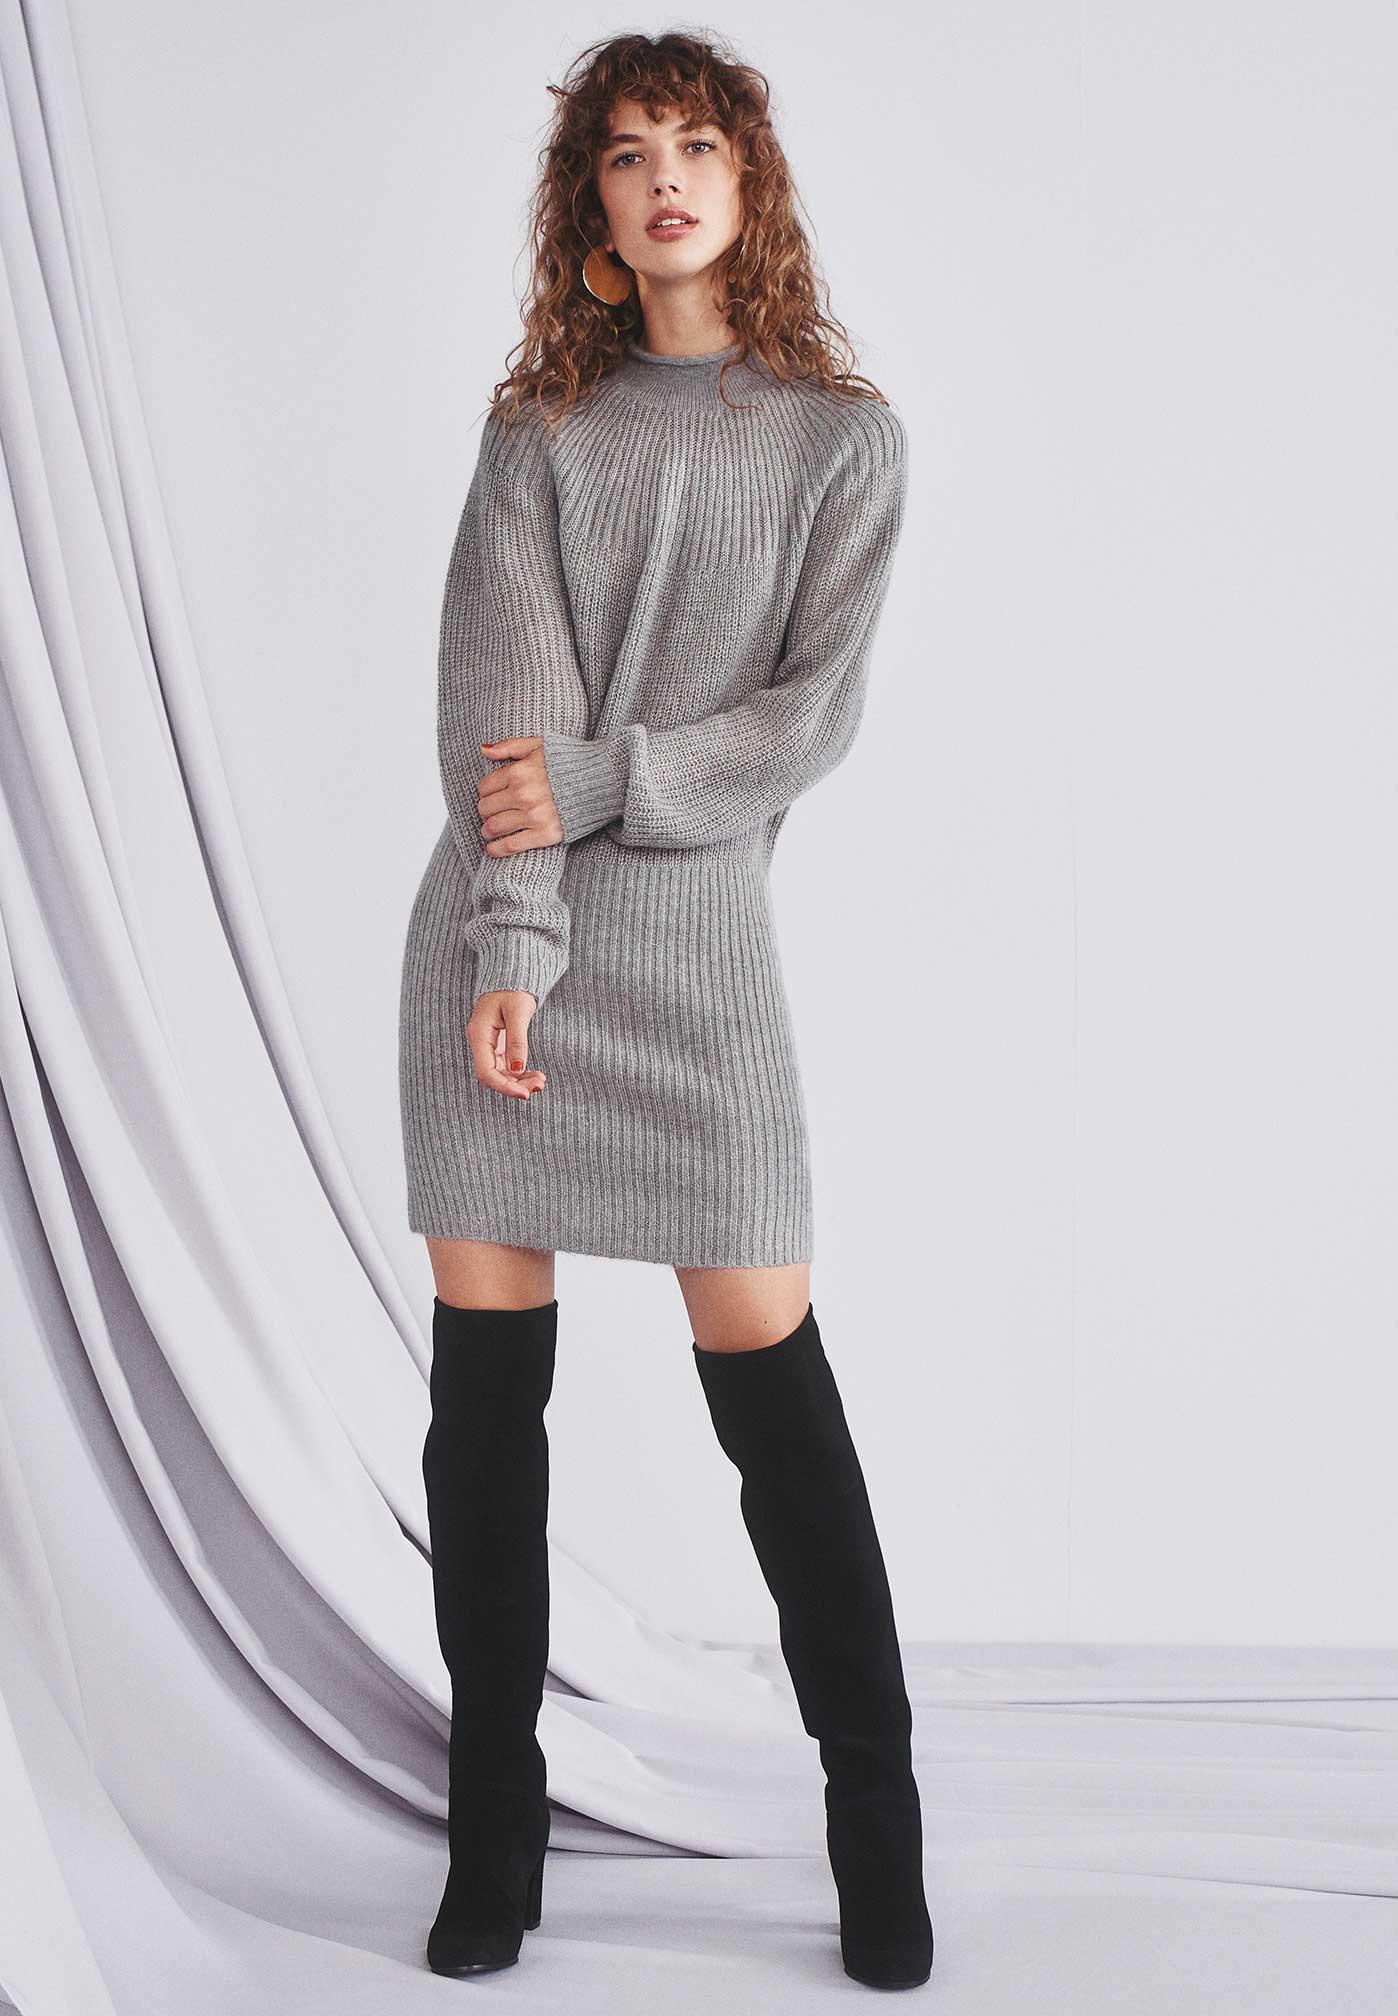 15 Perfekt Lange Winterkleider Stylish Leicht Lange Winterkleider Vertrieb